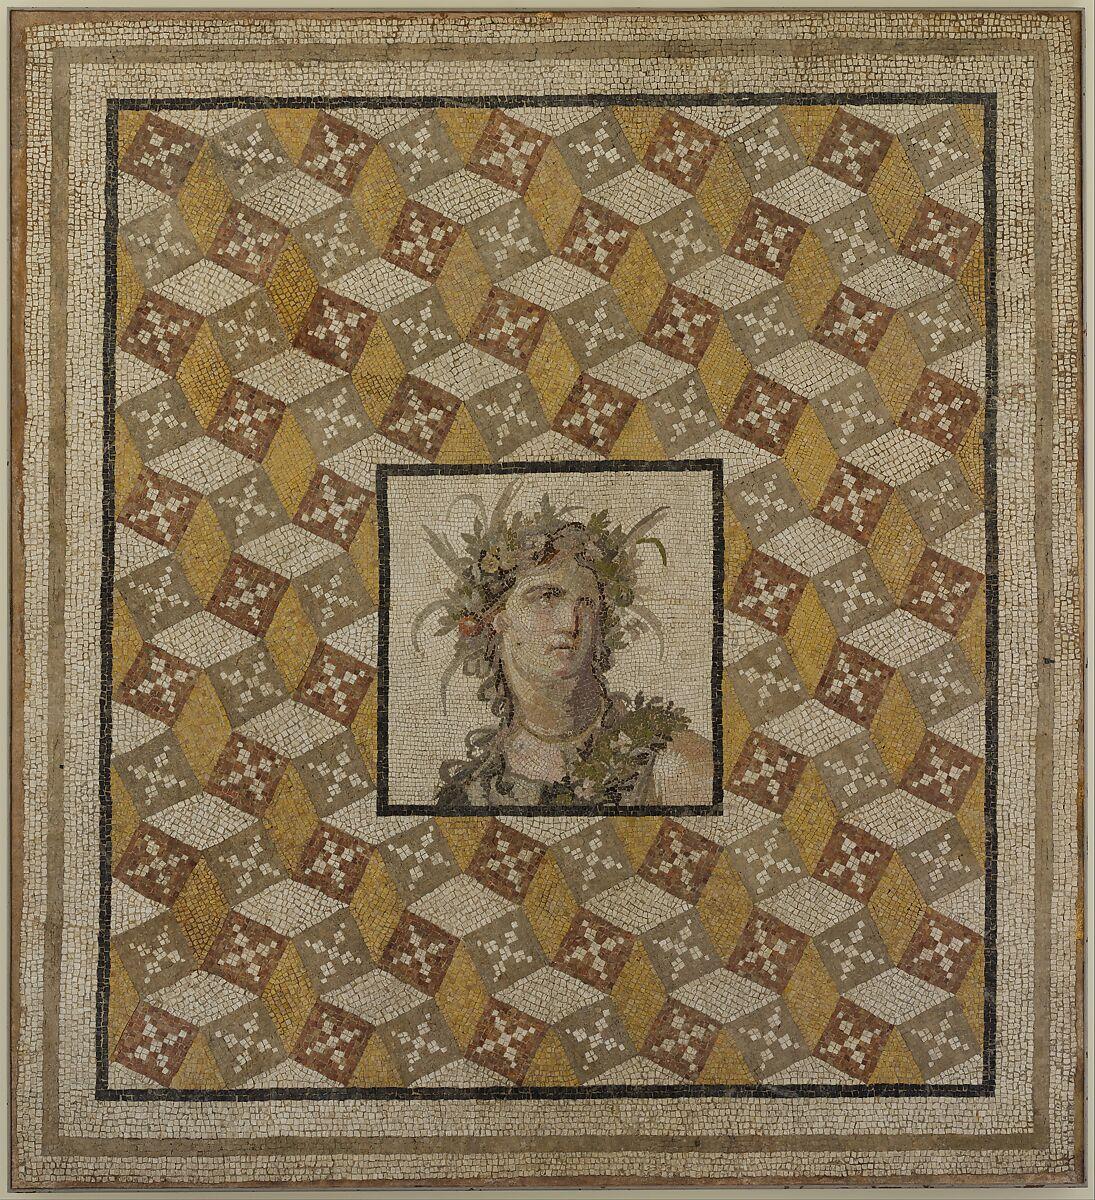 Mosaic Floor Panel Roman Imperial The Met